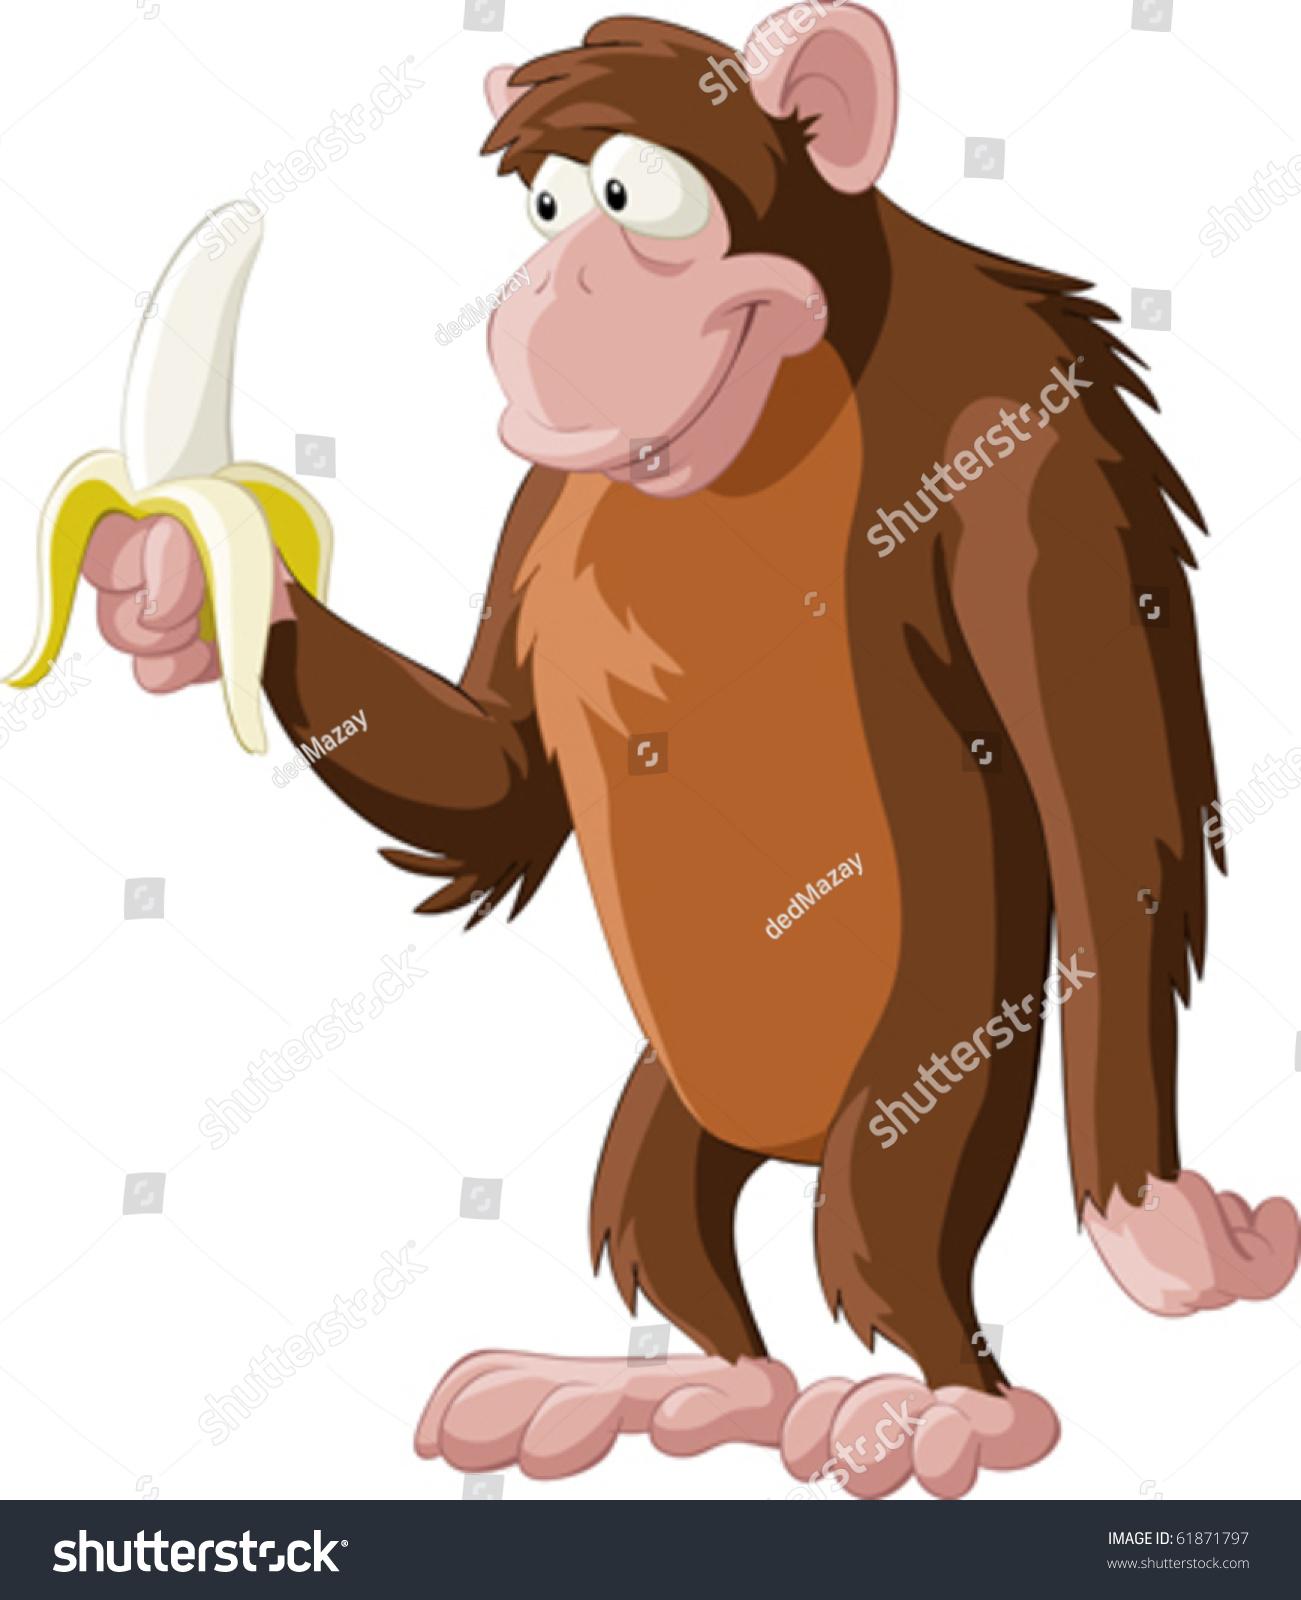 棕色猴子用香蕉,矢量插图-动物/野生生物